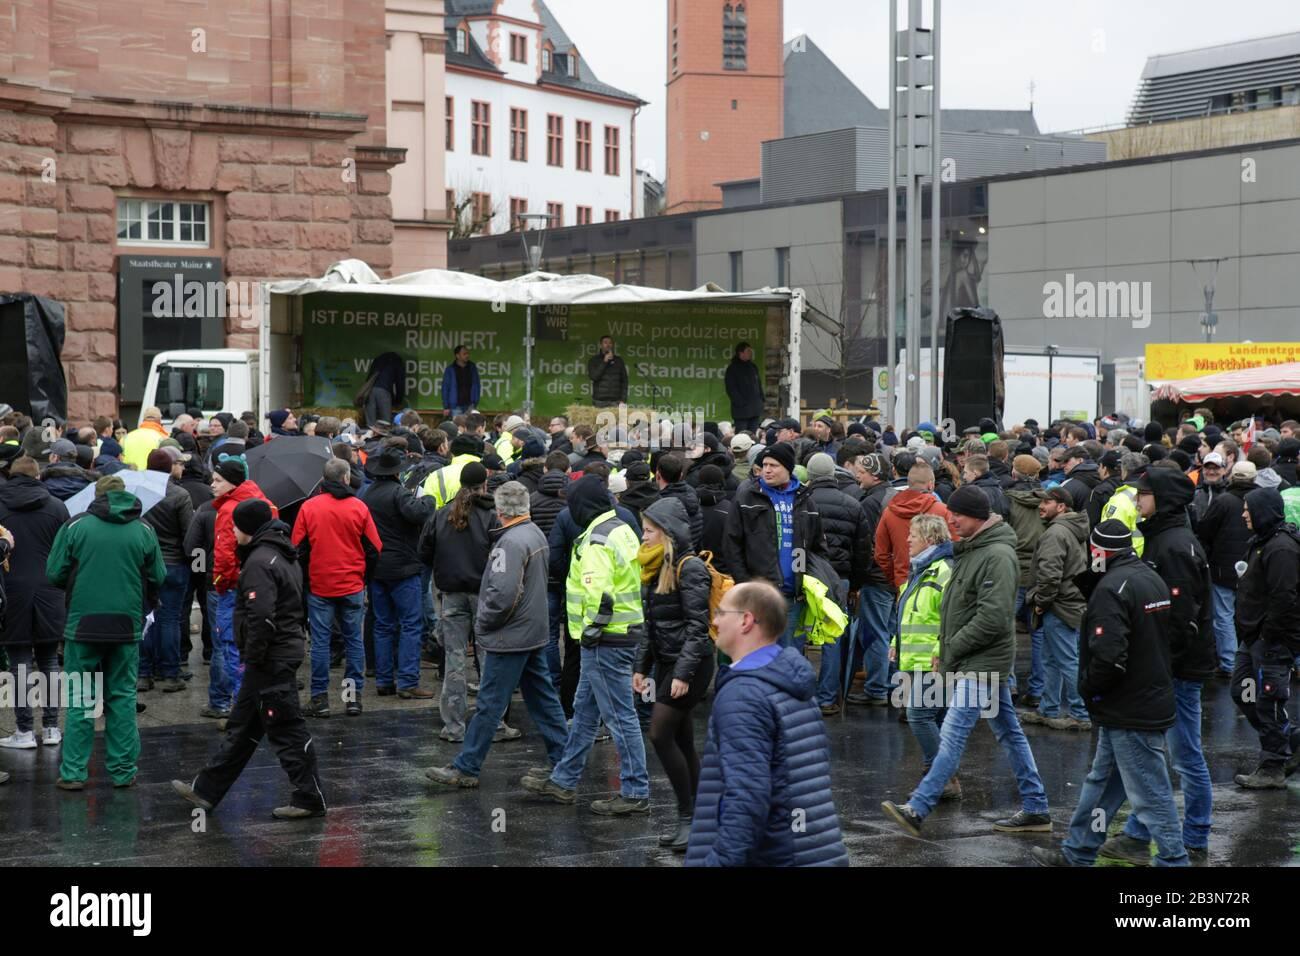 Magonza, Germania. 5th marzo 2020. Gli agricoltori si sono riuniti nel centro della città per il rally. Poche centinaia di agricoltori con il loro trattore protestò nel centro di Mainz contro le nuove normative sui fertilizzanti e per un migliore riconoscimento del loro lavoro. Foto Stock